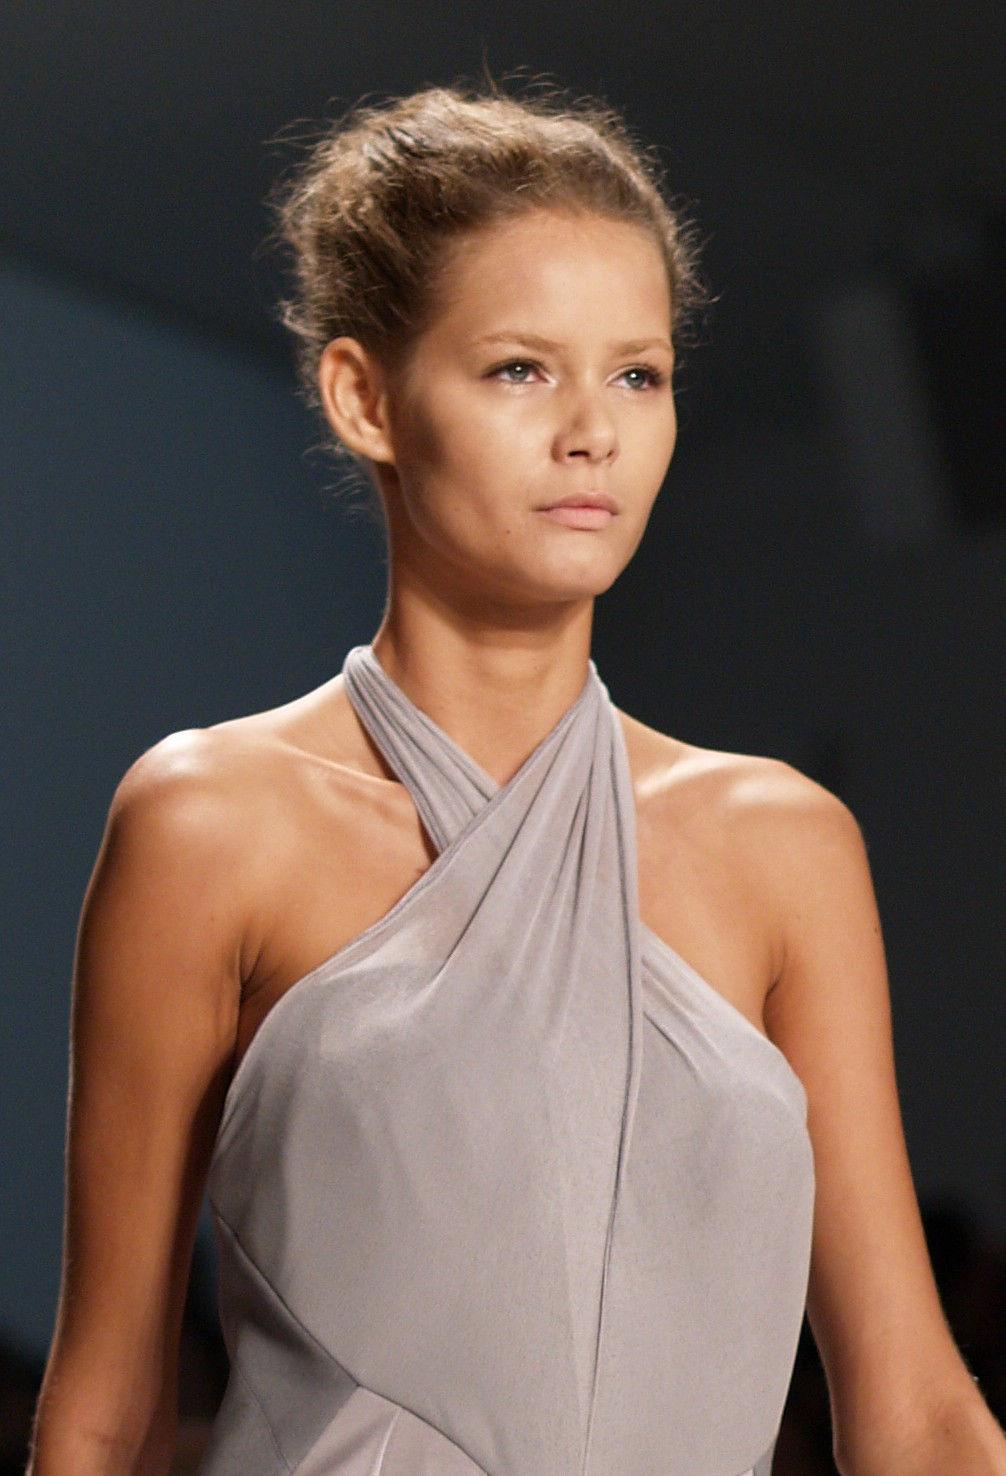 Photo of Flávia de Oliveira: Brazilian model